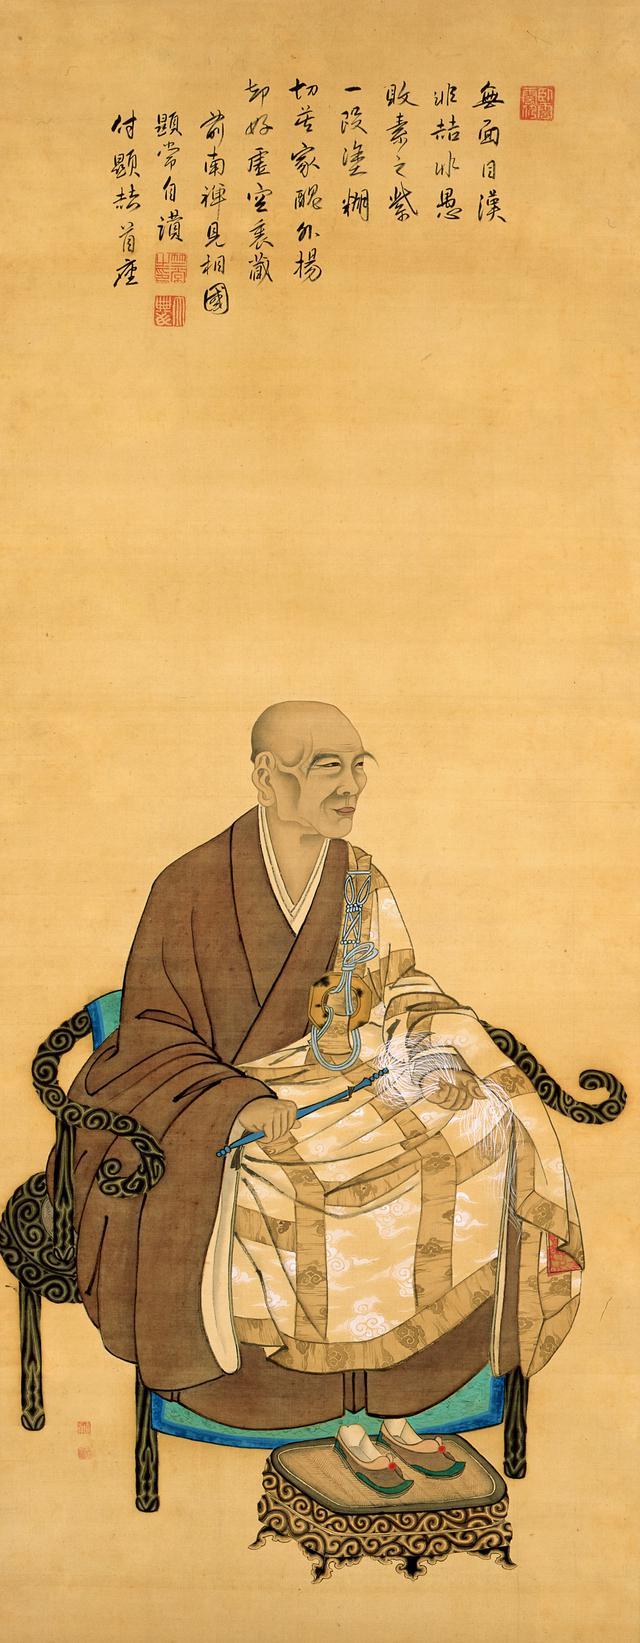 画像: 《梅荘顕常頂相》自賛 世継希僊筆 一幅 絹本著色 江戸時代 十八世紀 慈雲院蔵